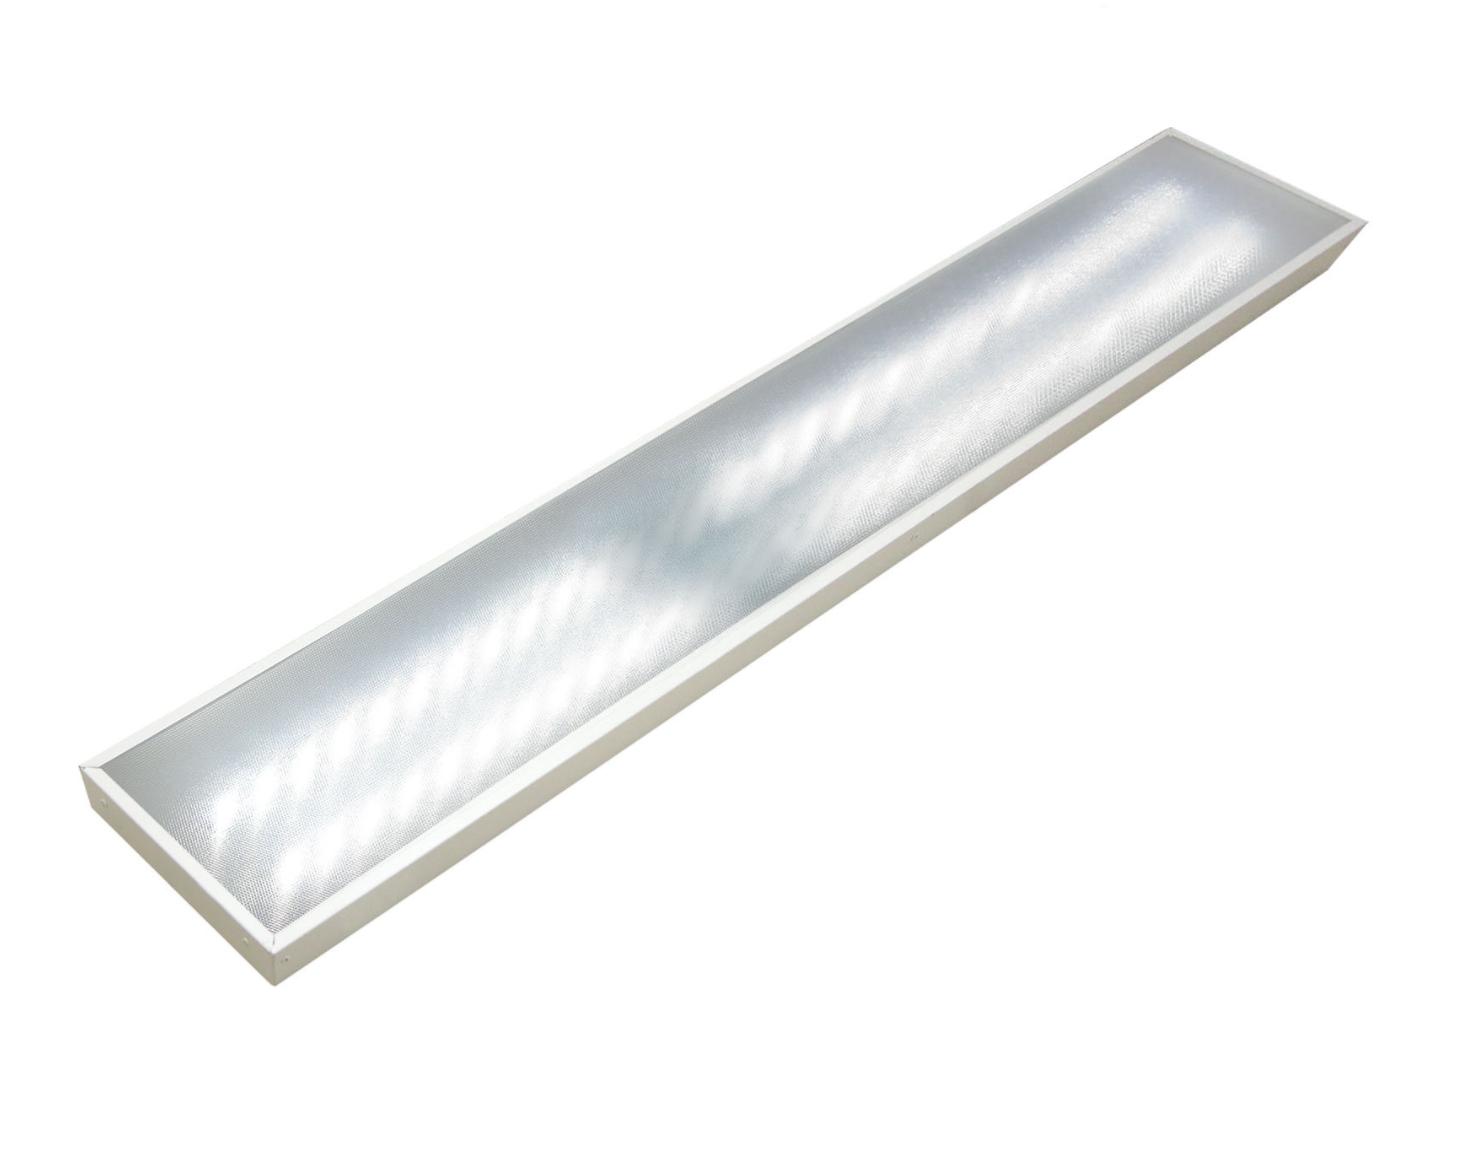 Офисный светодиодный светильник Айсберг Стандарт-44 44Вт 5022Лм